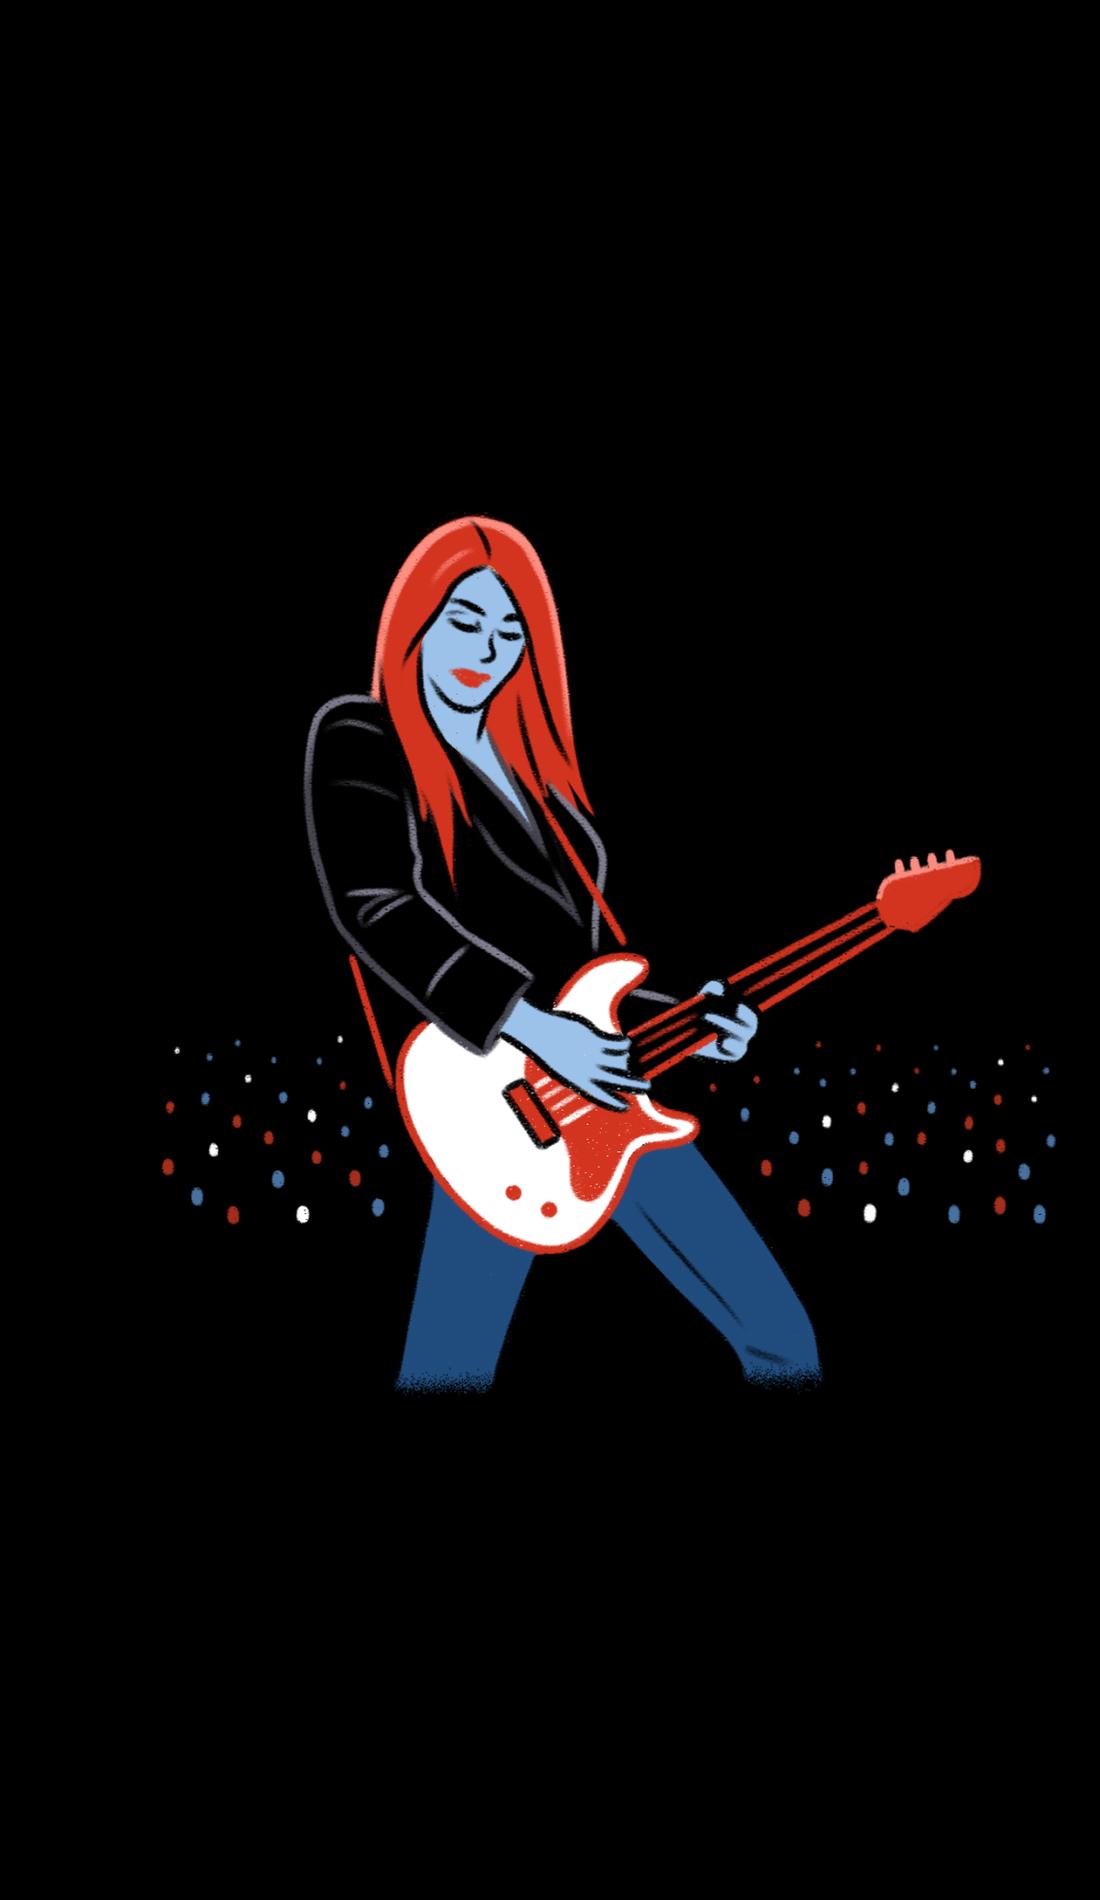 A Hollywood U2 live event